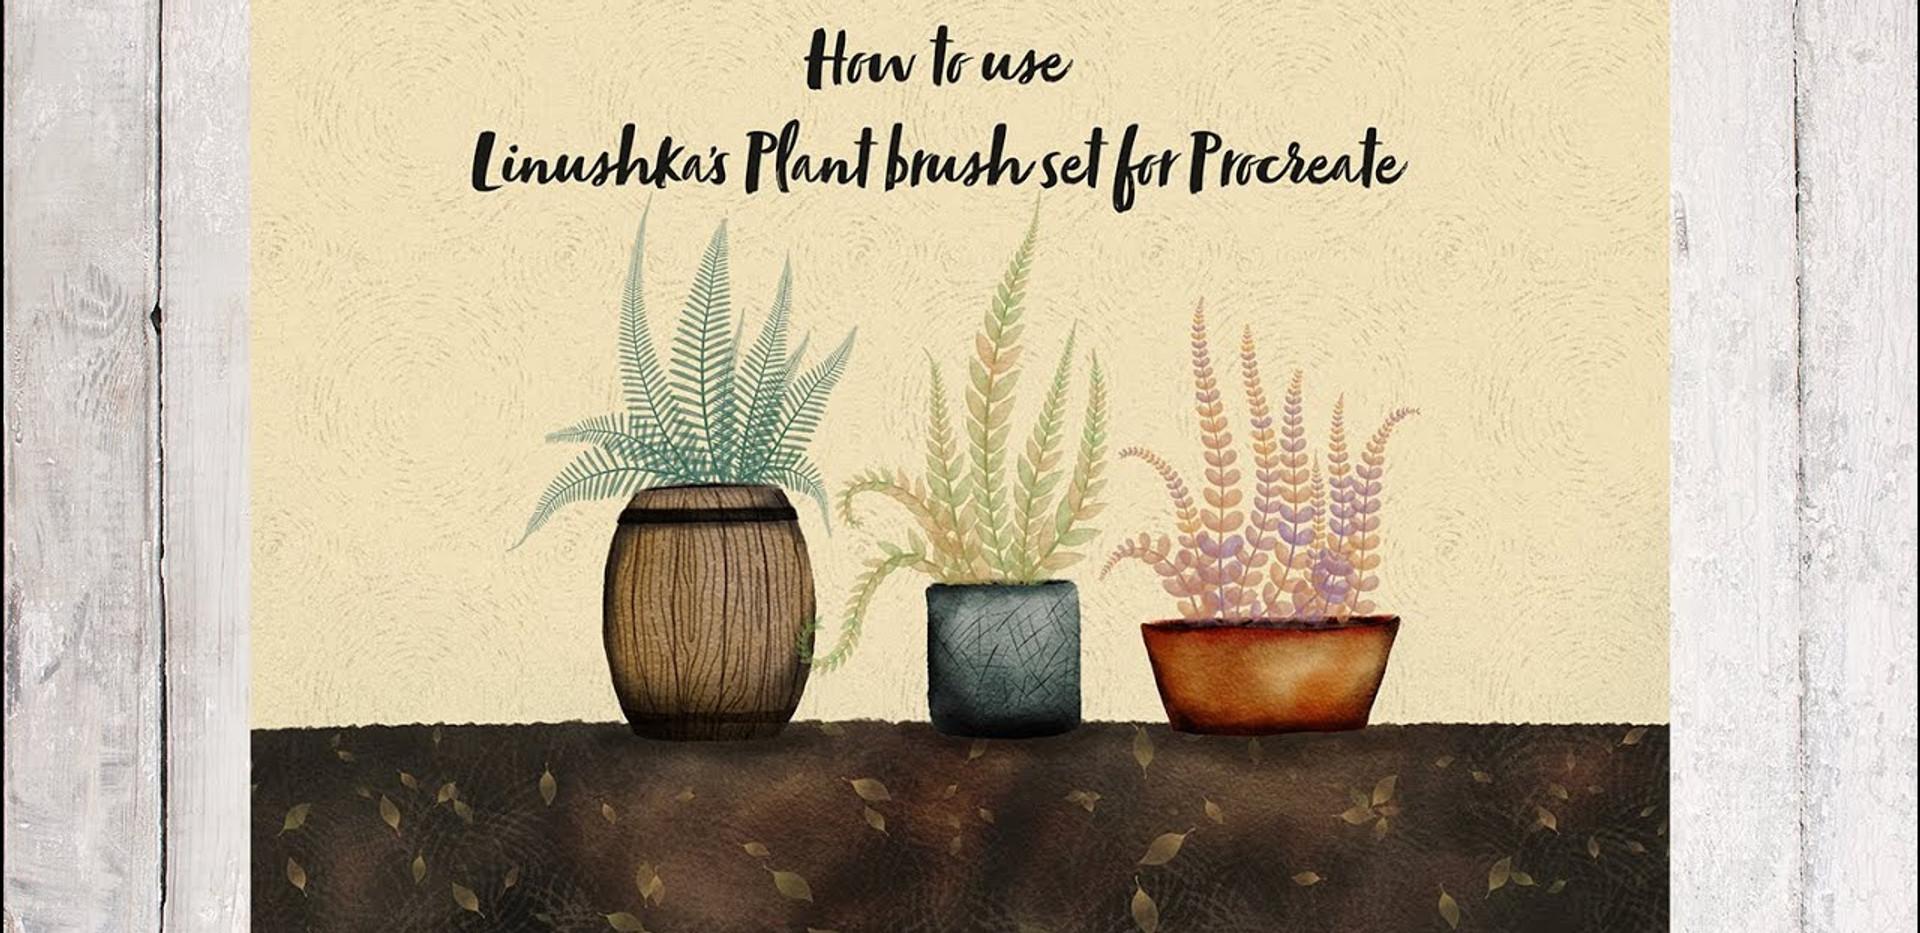 How to use Linushka's Plant brush set for Procreate